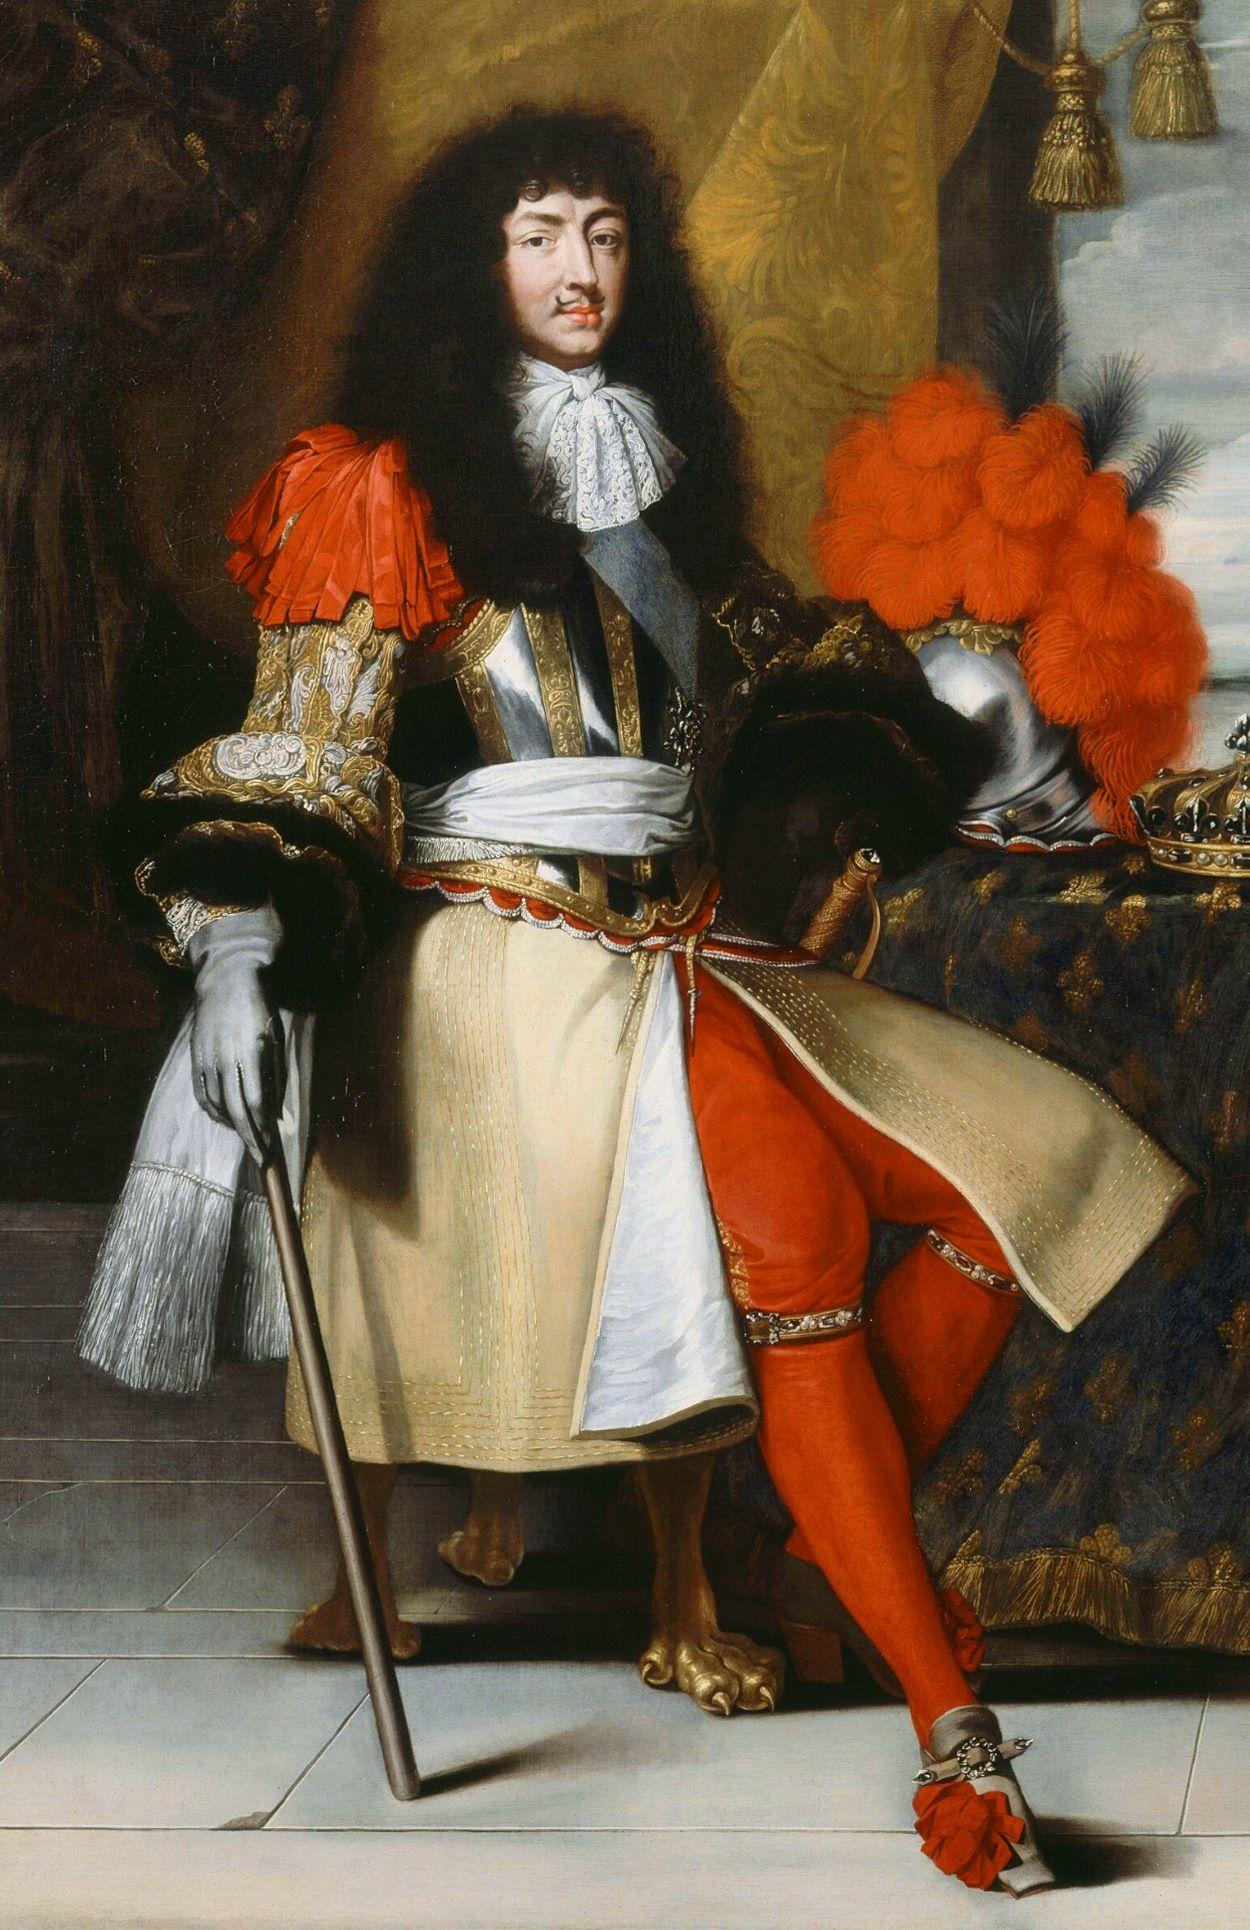 Louis Catorce